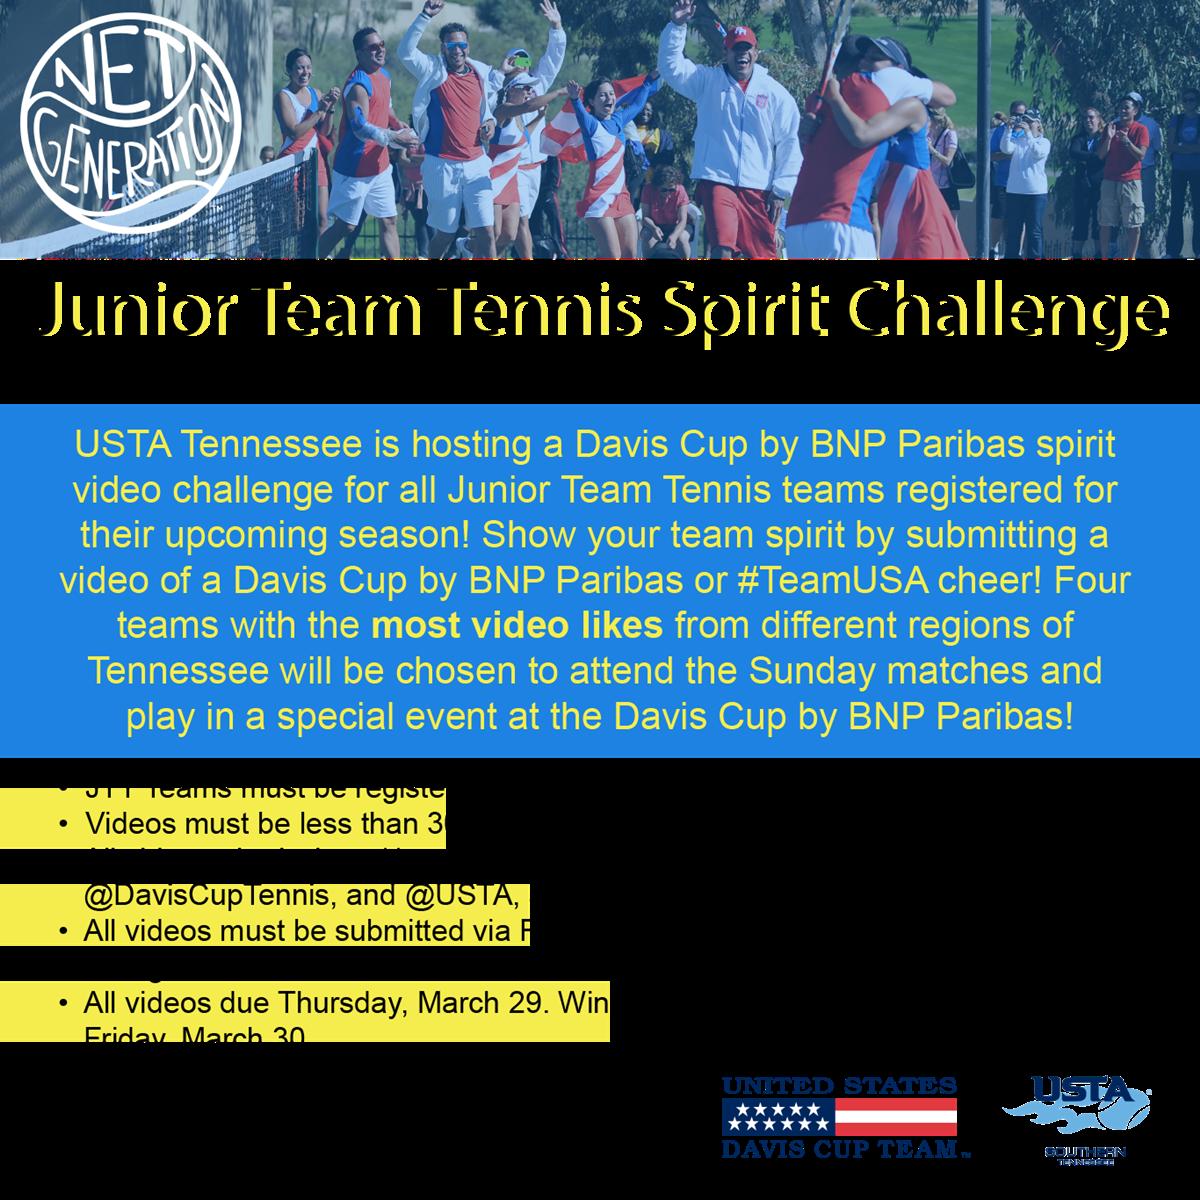 JTT_Spirit_Challenge_Graphic